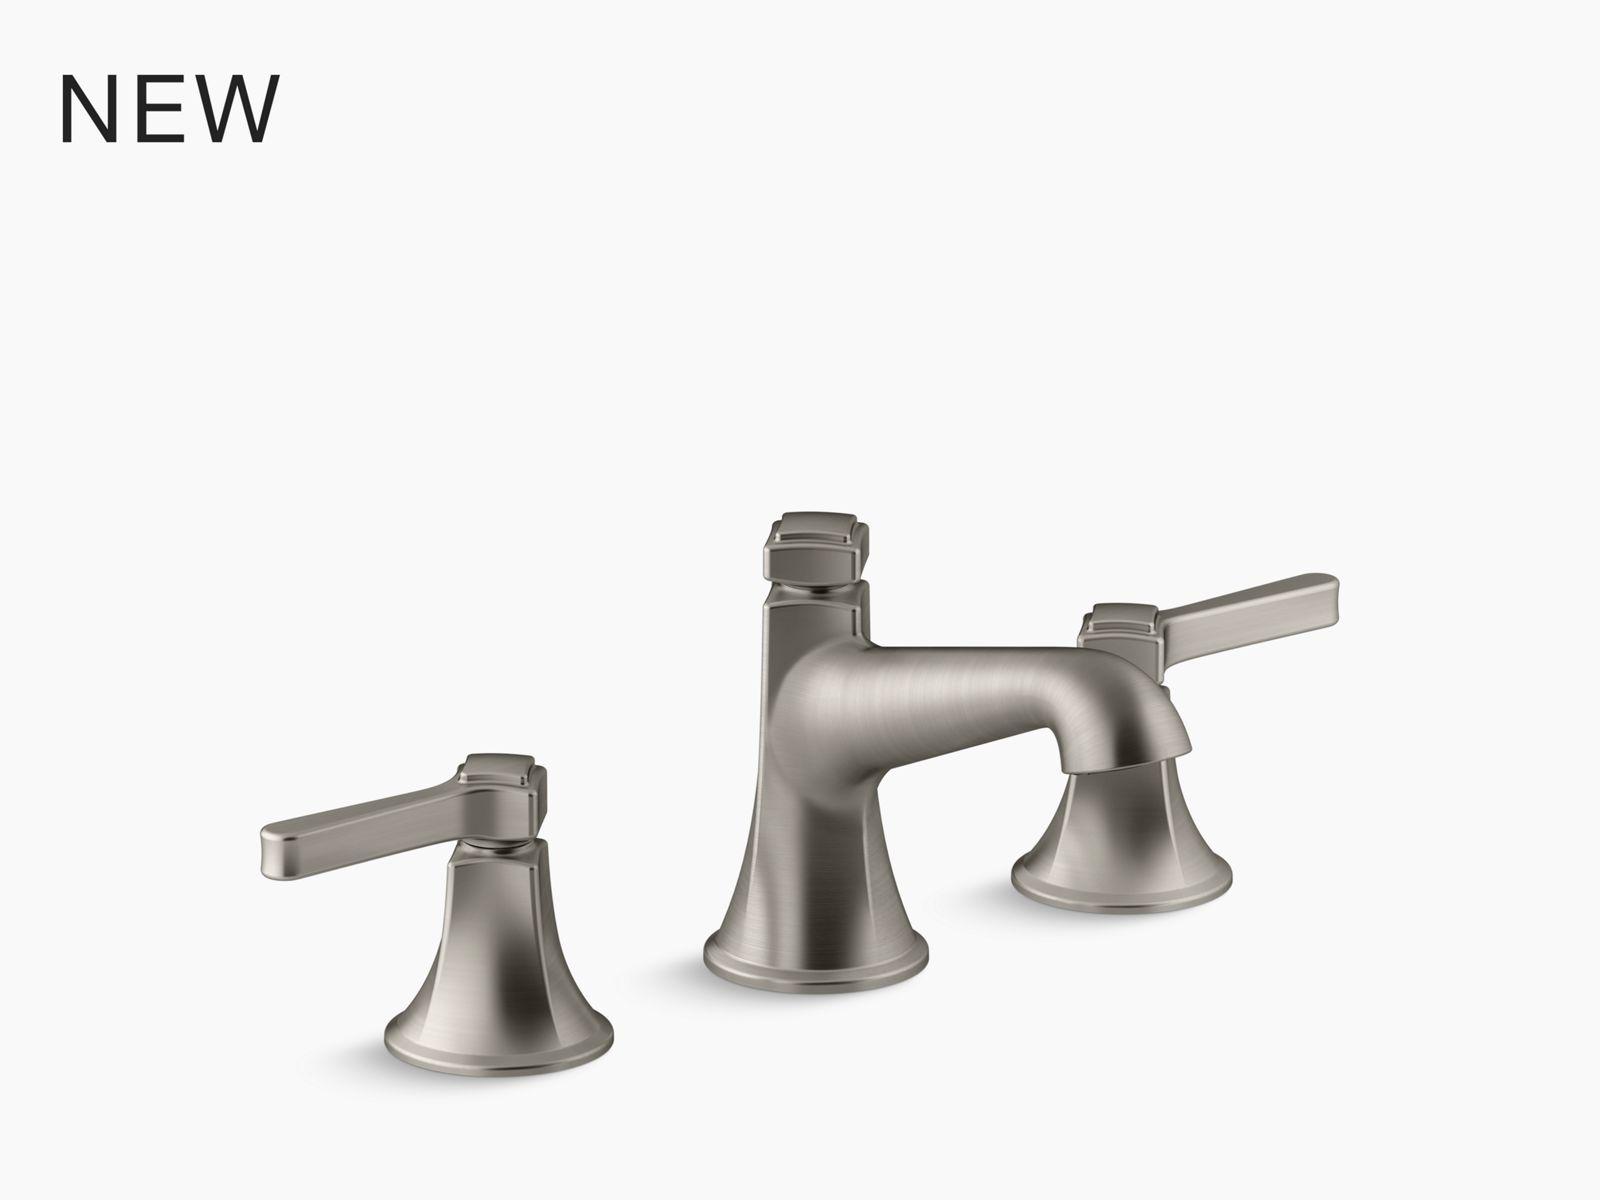 tall lavatory faucet 10217t 4 kohler